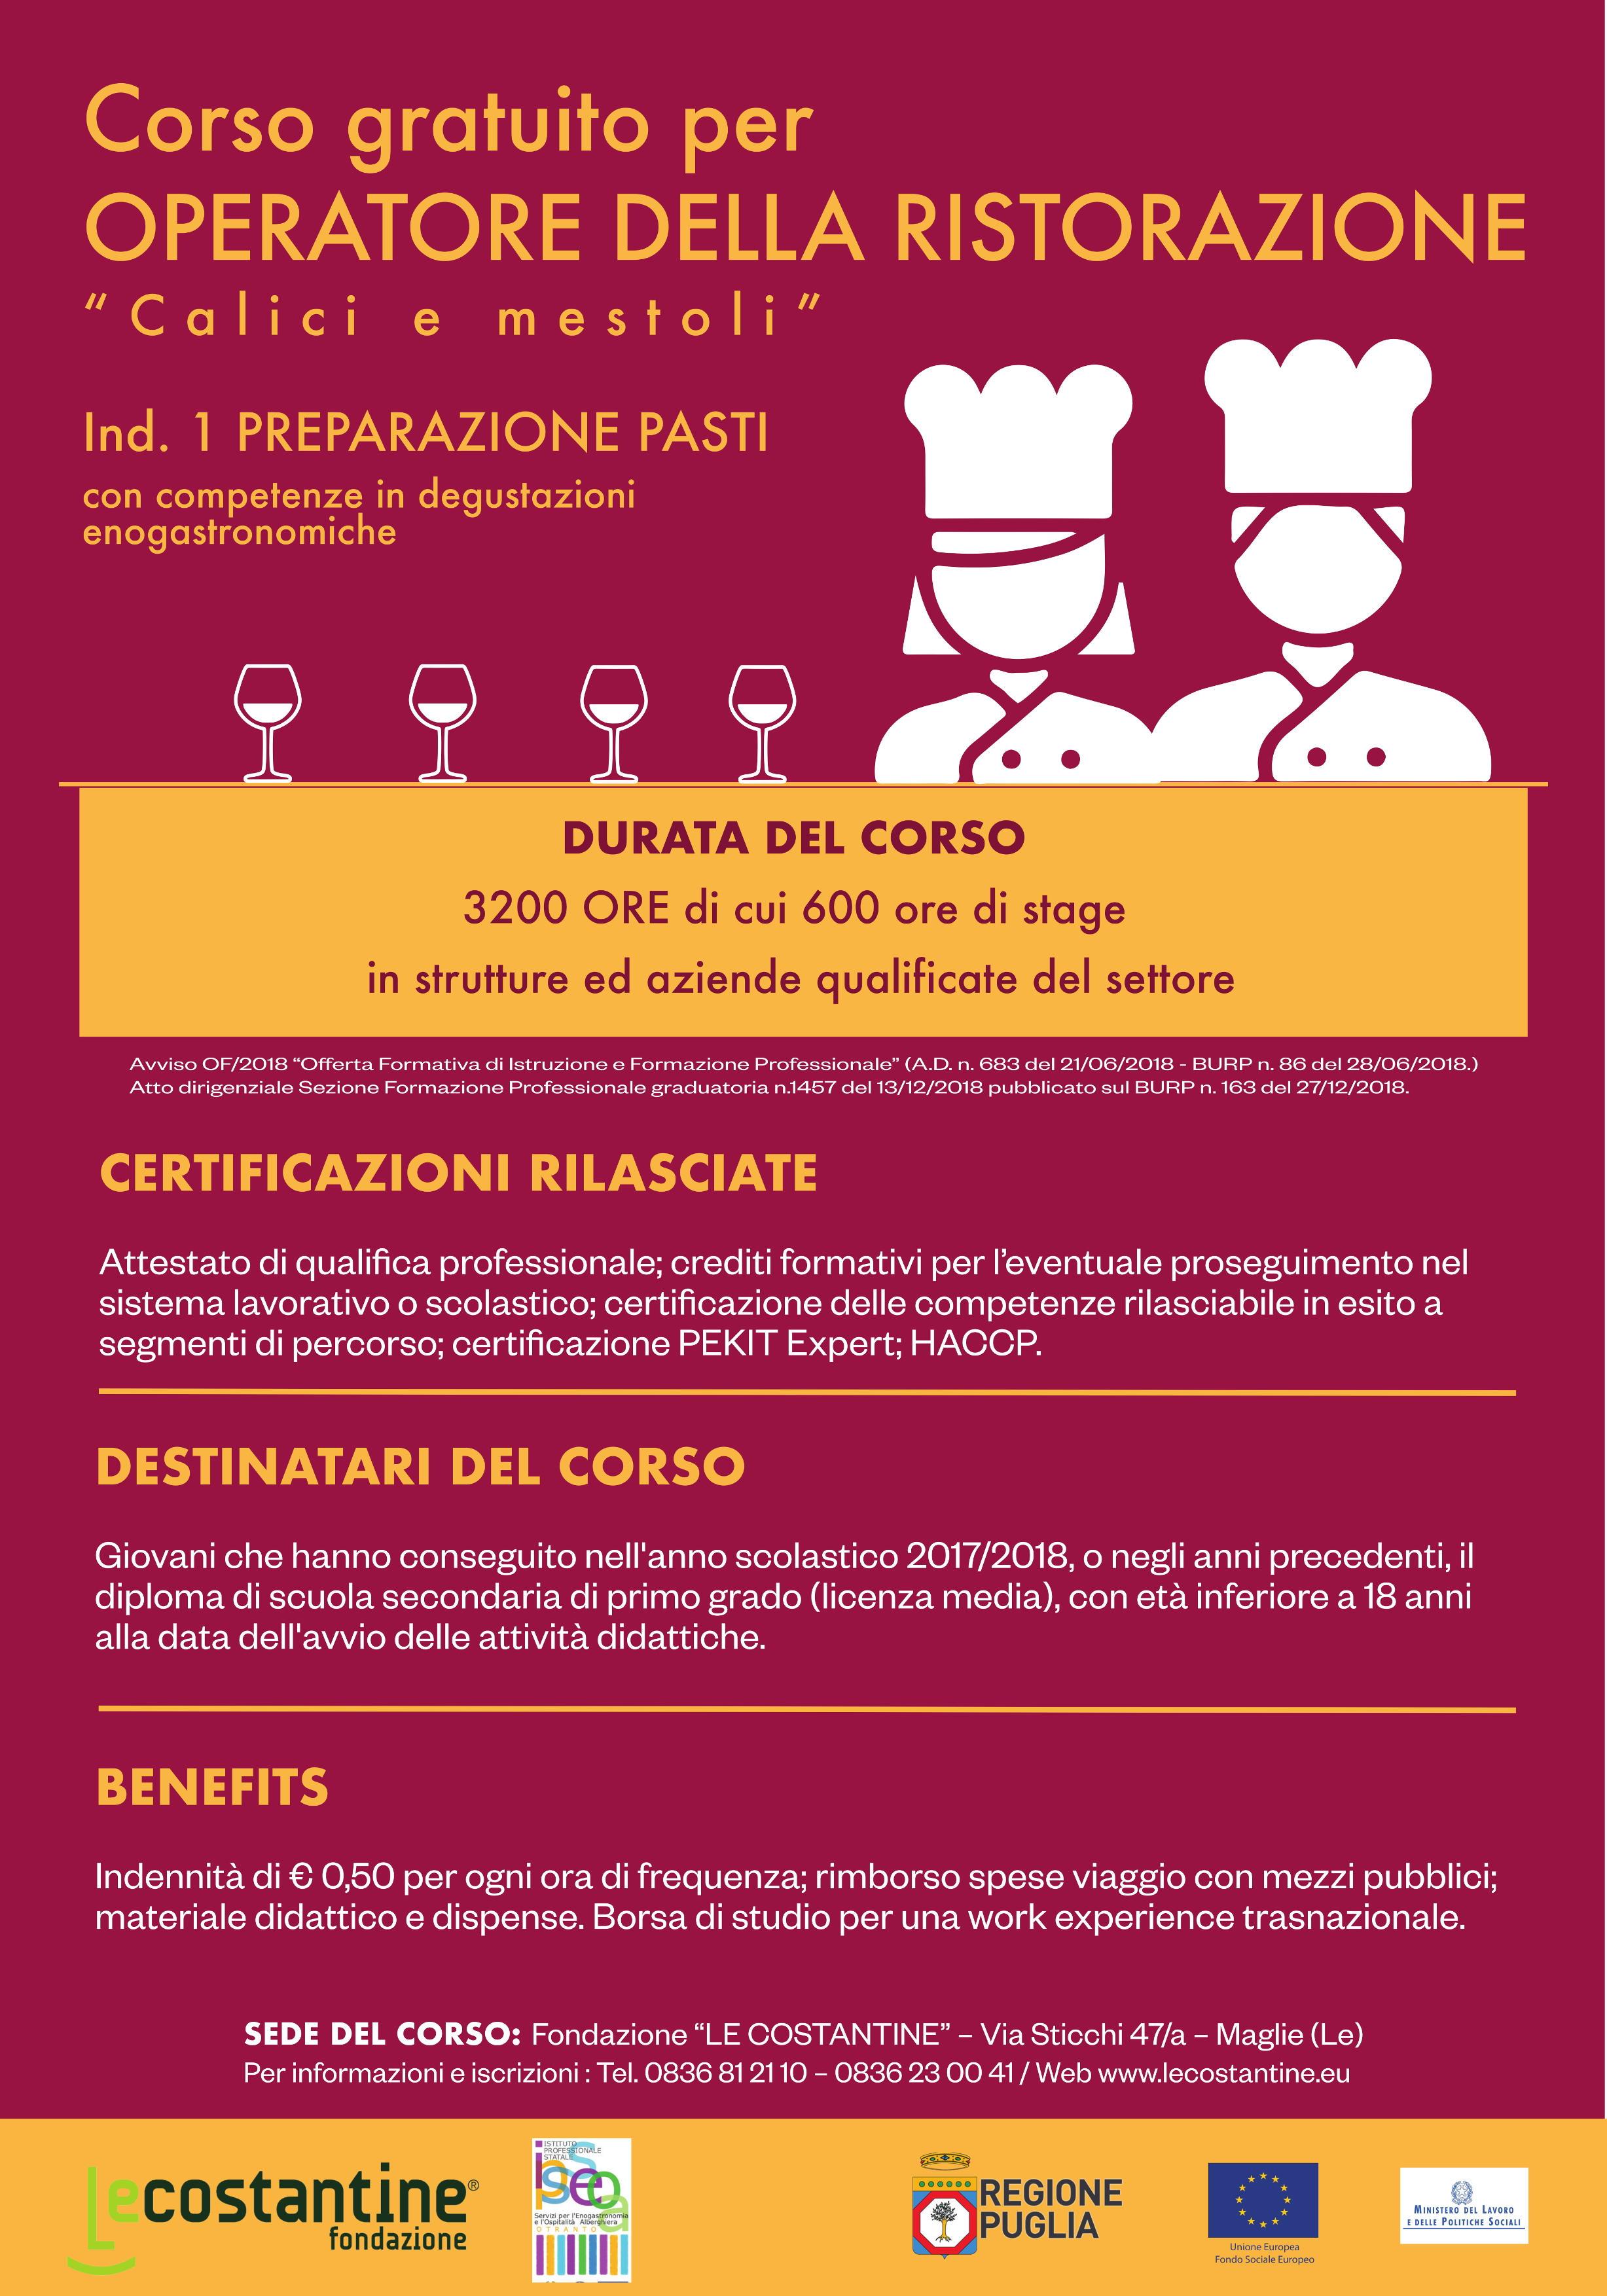 Fondazione-Le-Costantine-Corso per Operatore della Ristorazione Calici e mestoli.jpg